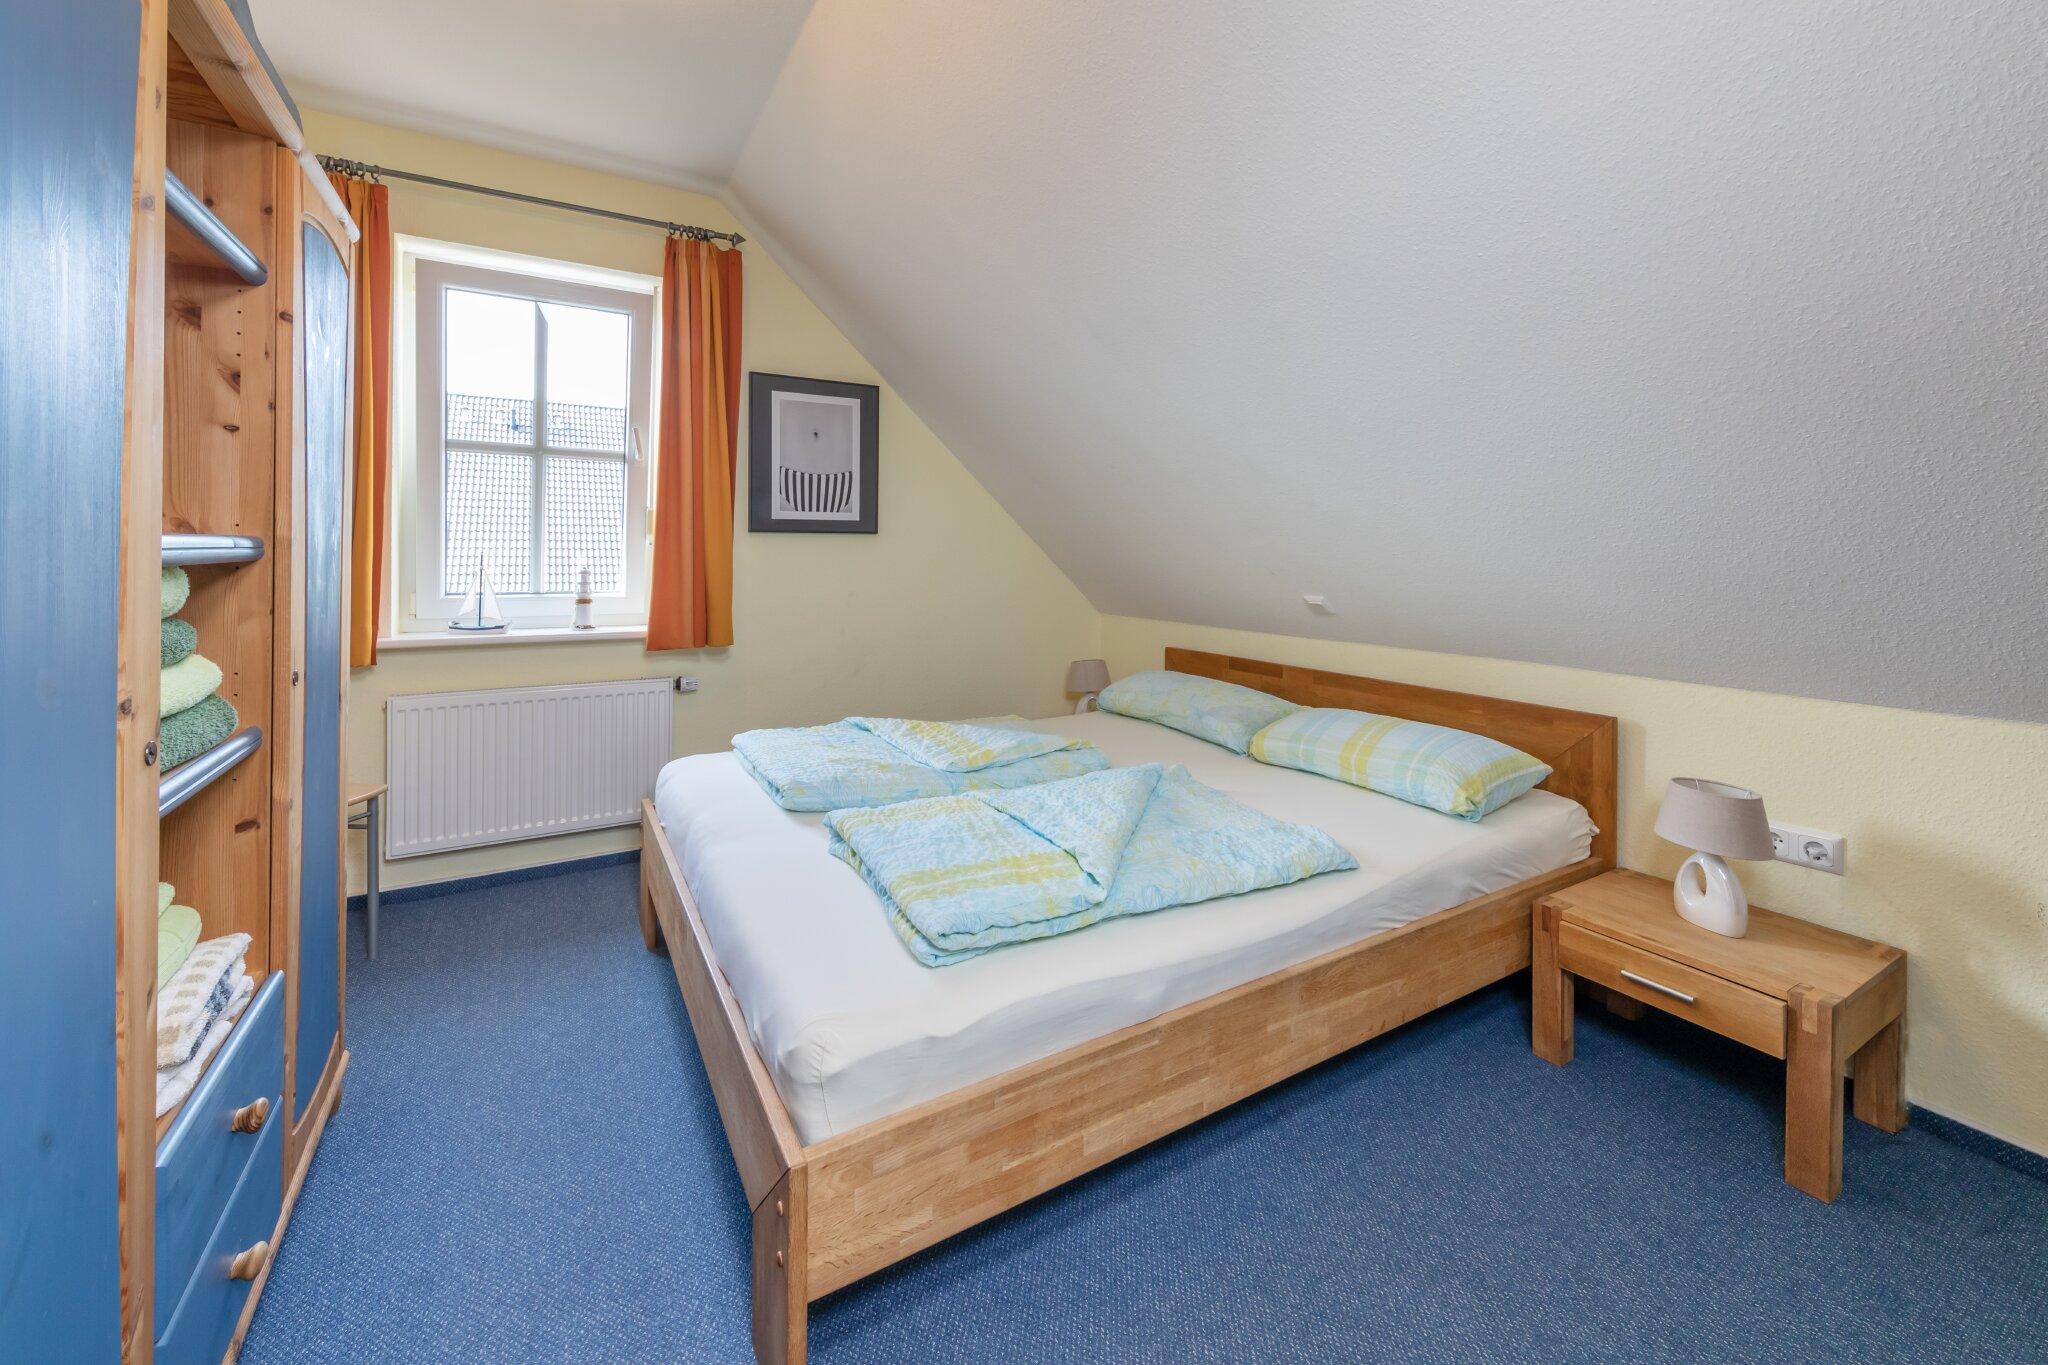 Zusatzbild Nr. 05 von Ferienhaus Ostseelust